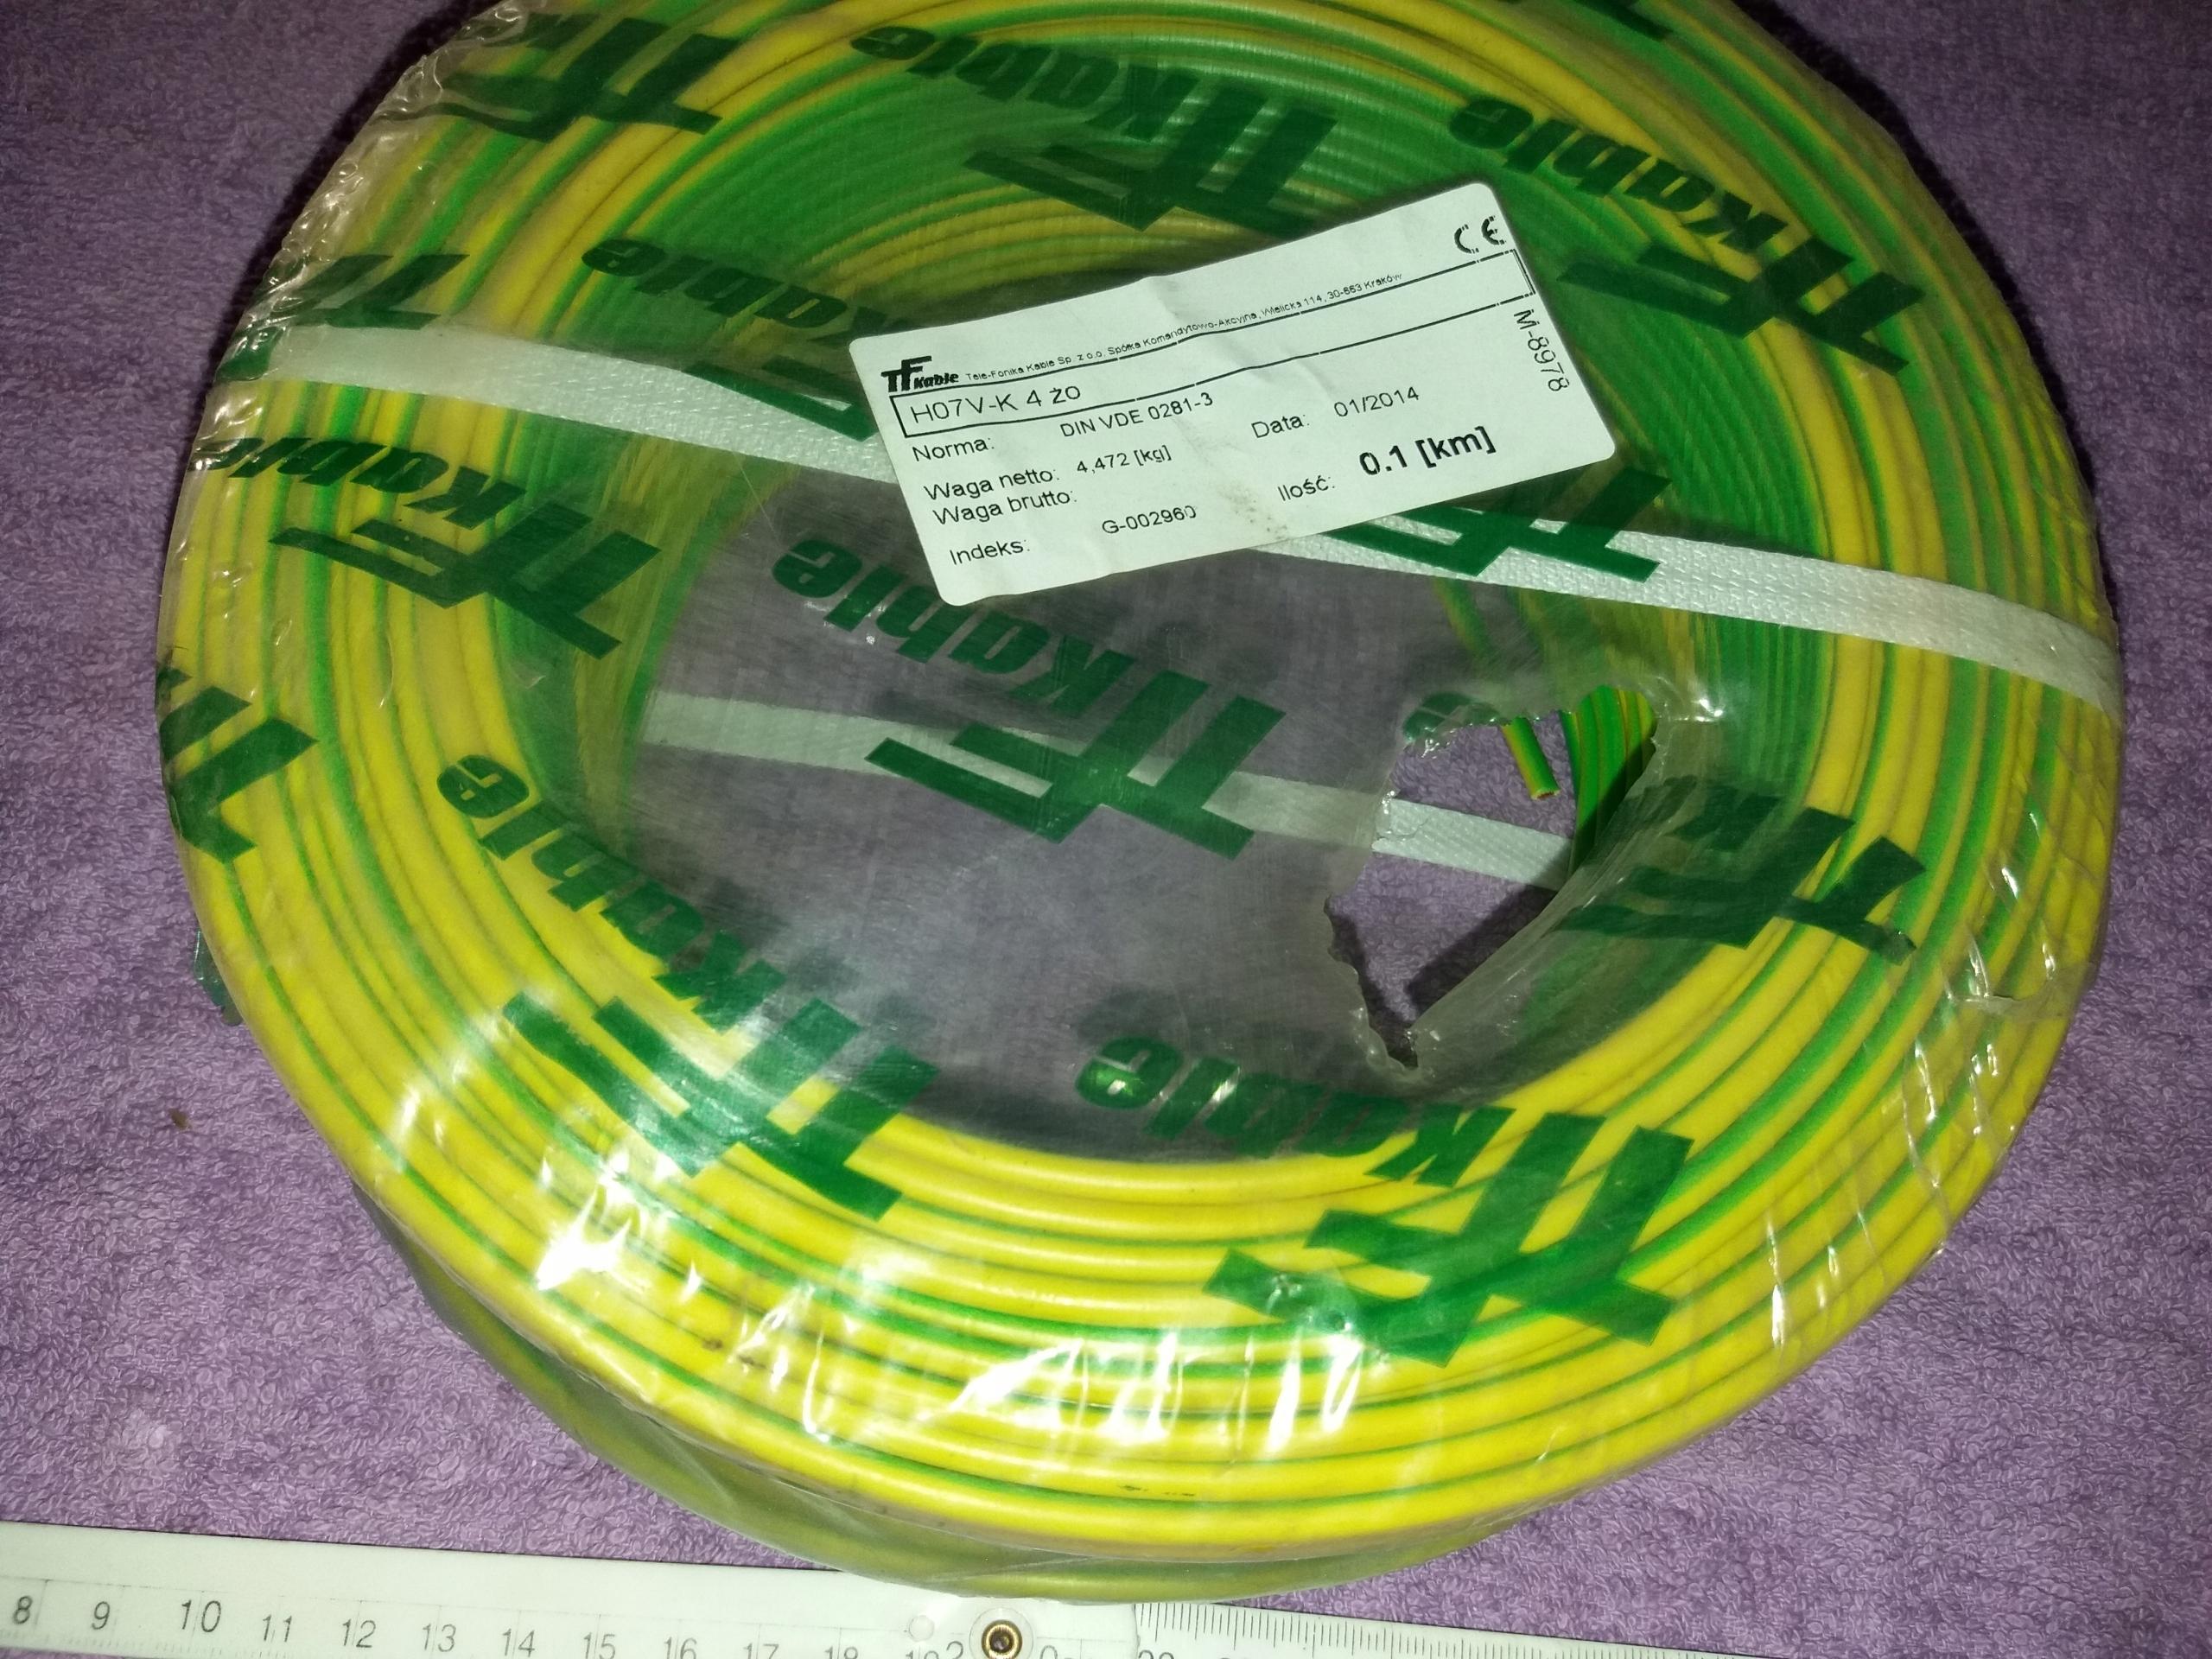 Kabel przewód linka żółto-zielona 1x4mm2 H07V-K 4